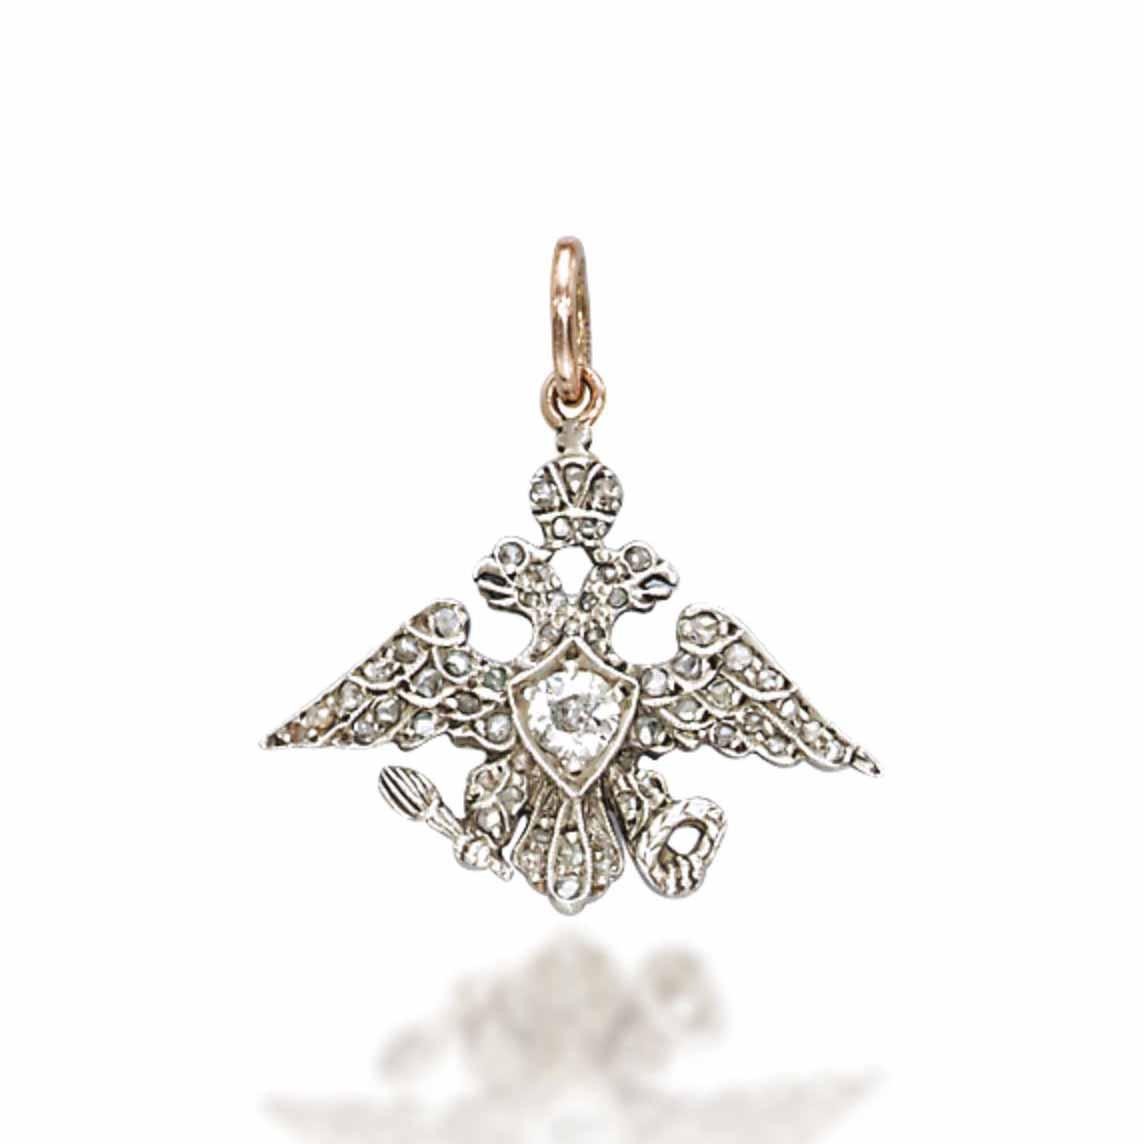 A DIAMOND PENDANT, BY FABERGÉ